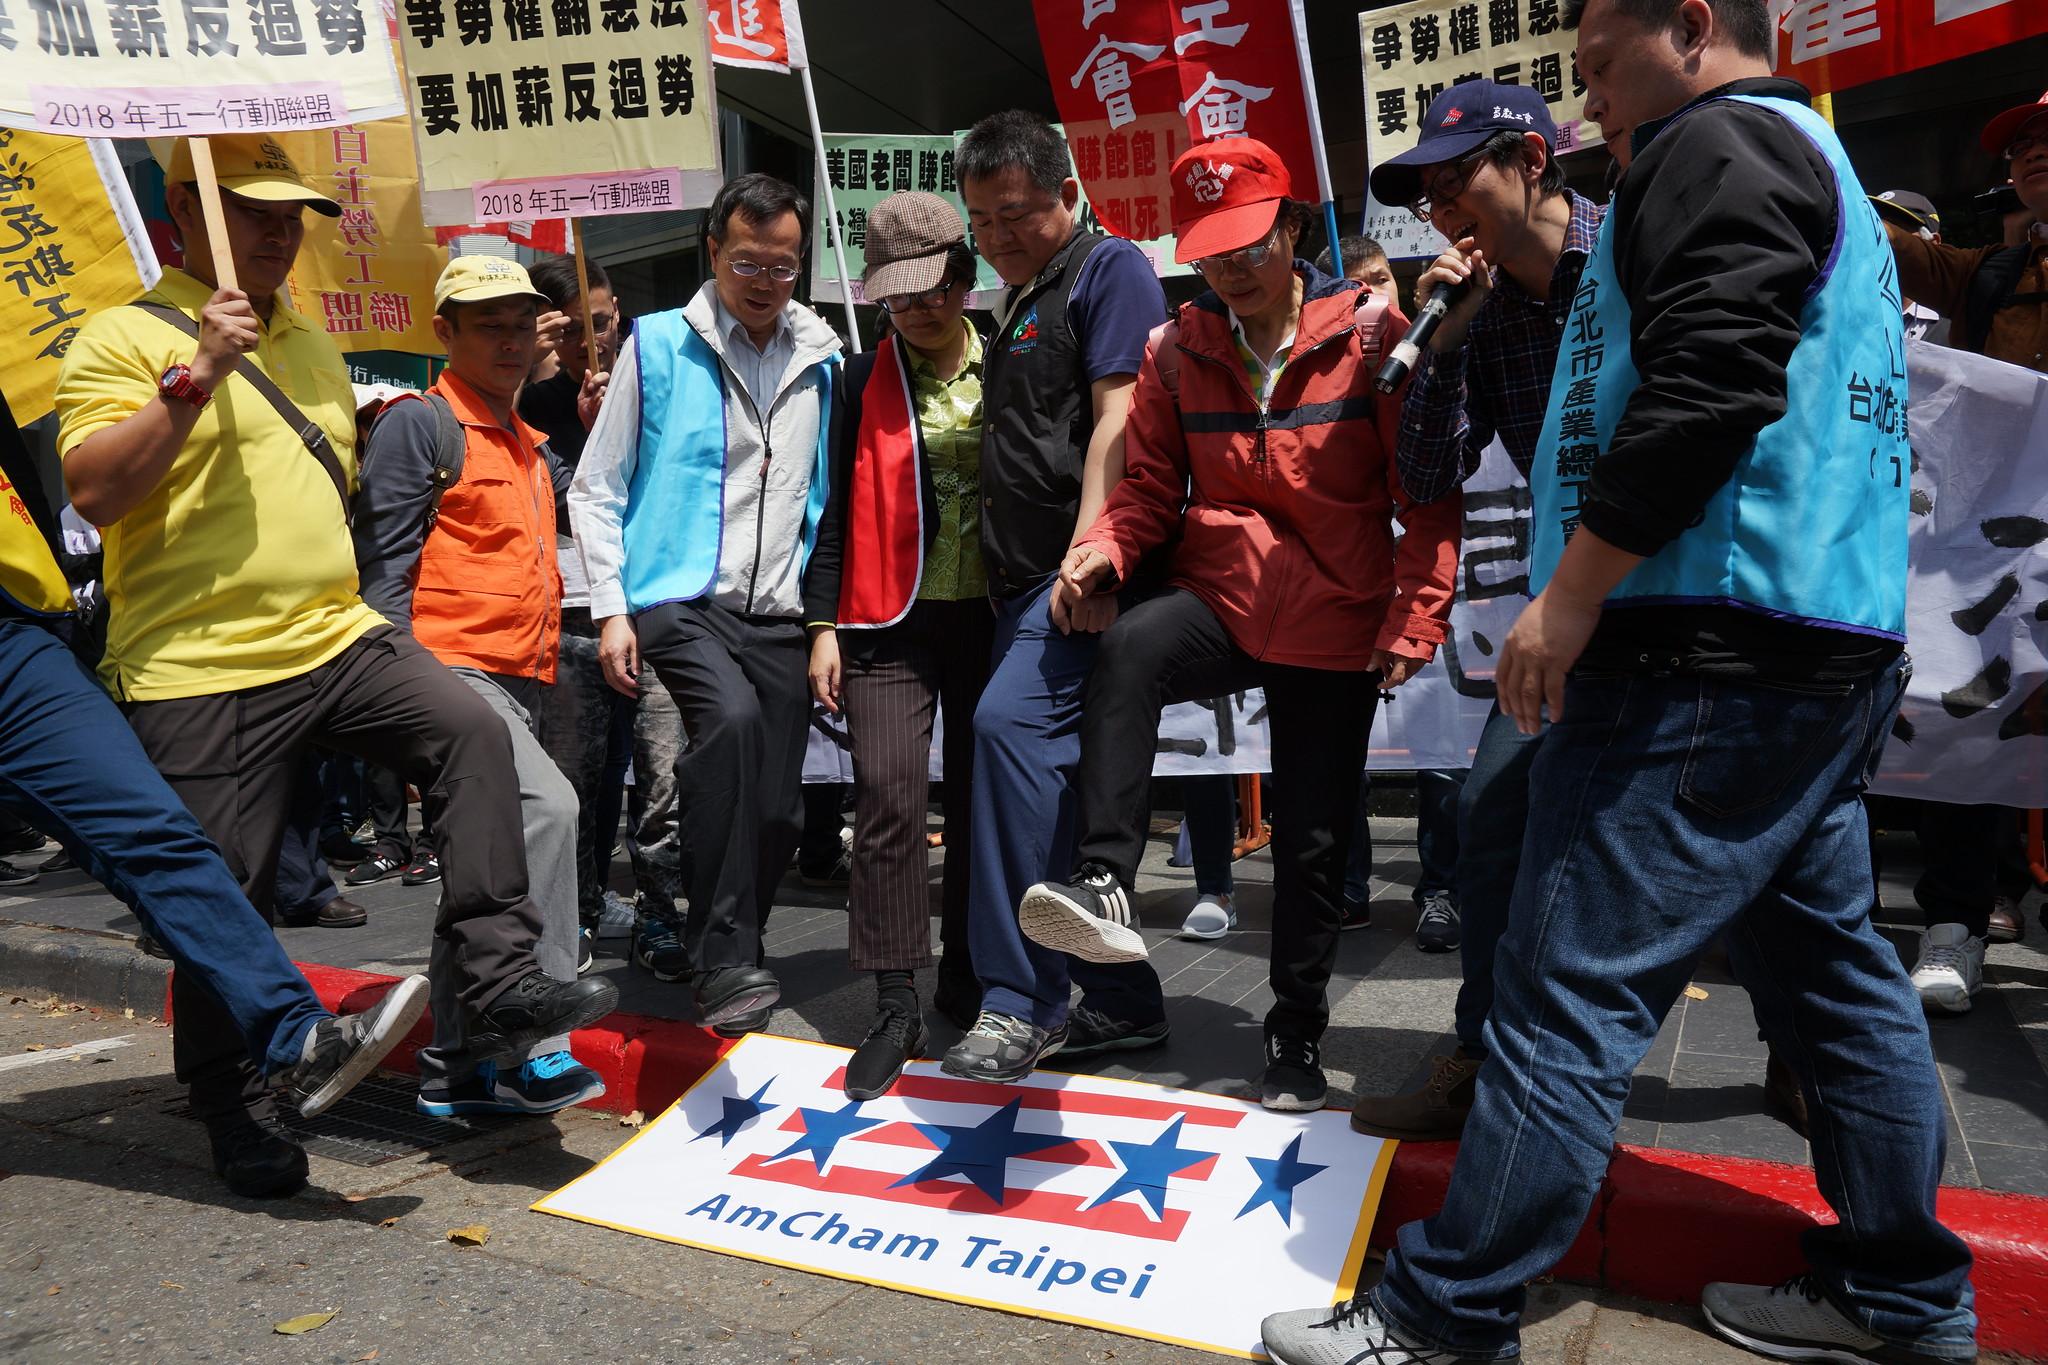 勞團踩破寫有台北美國商會(AmCham Taipei)字樣的看板。(攝影:王顥中)